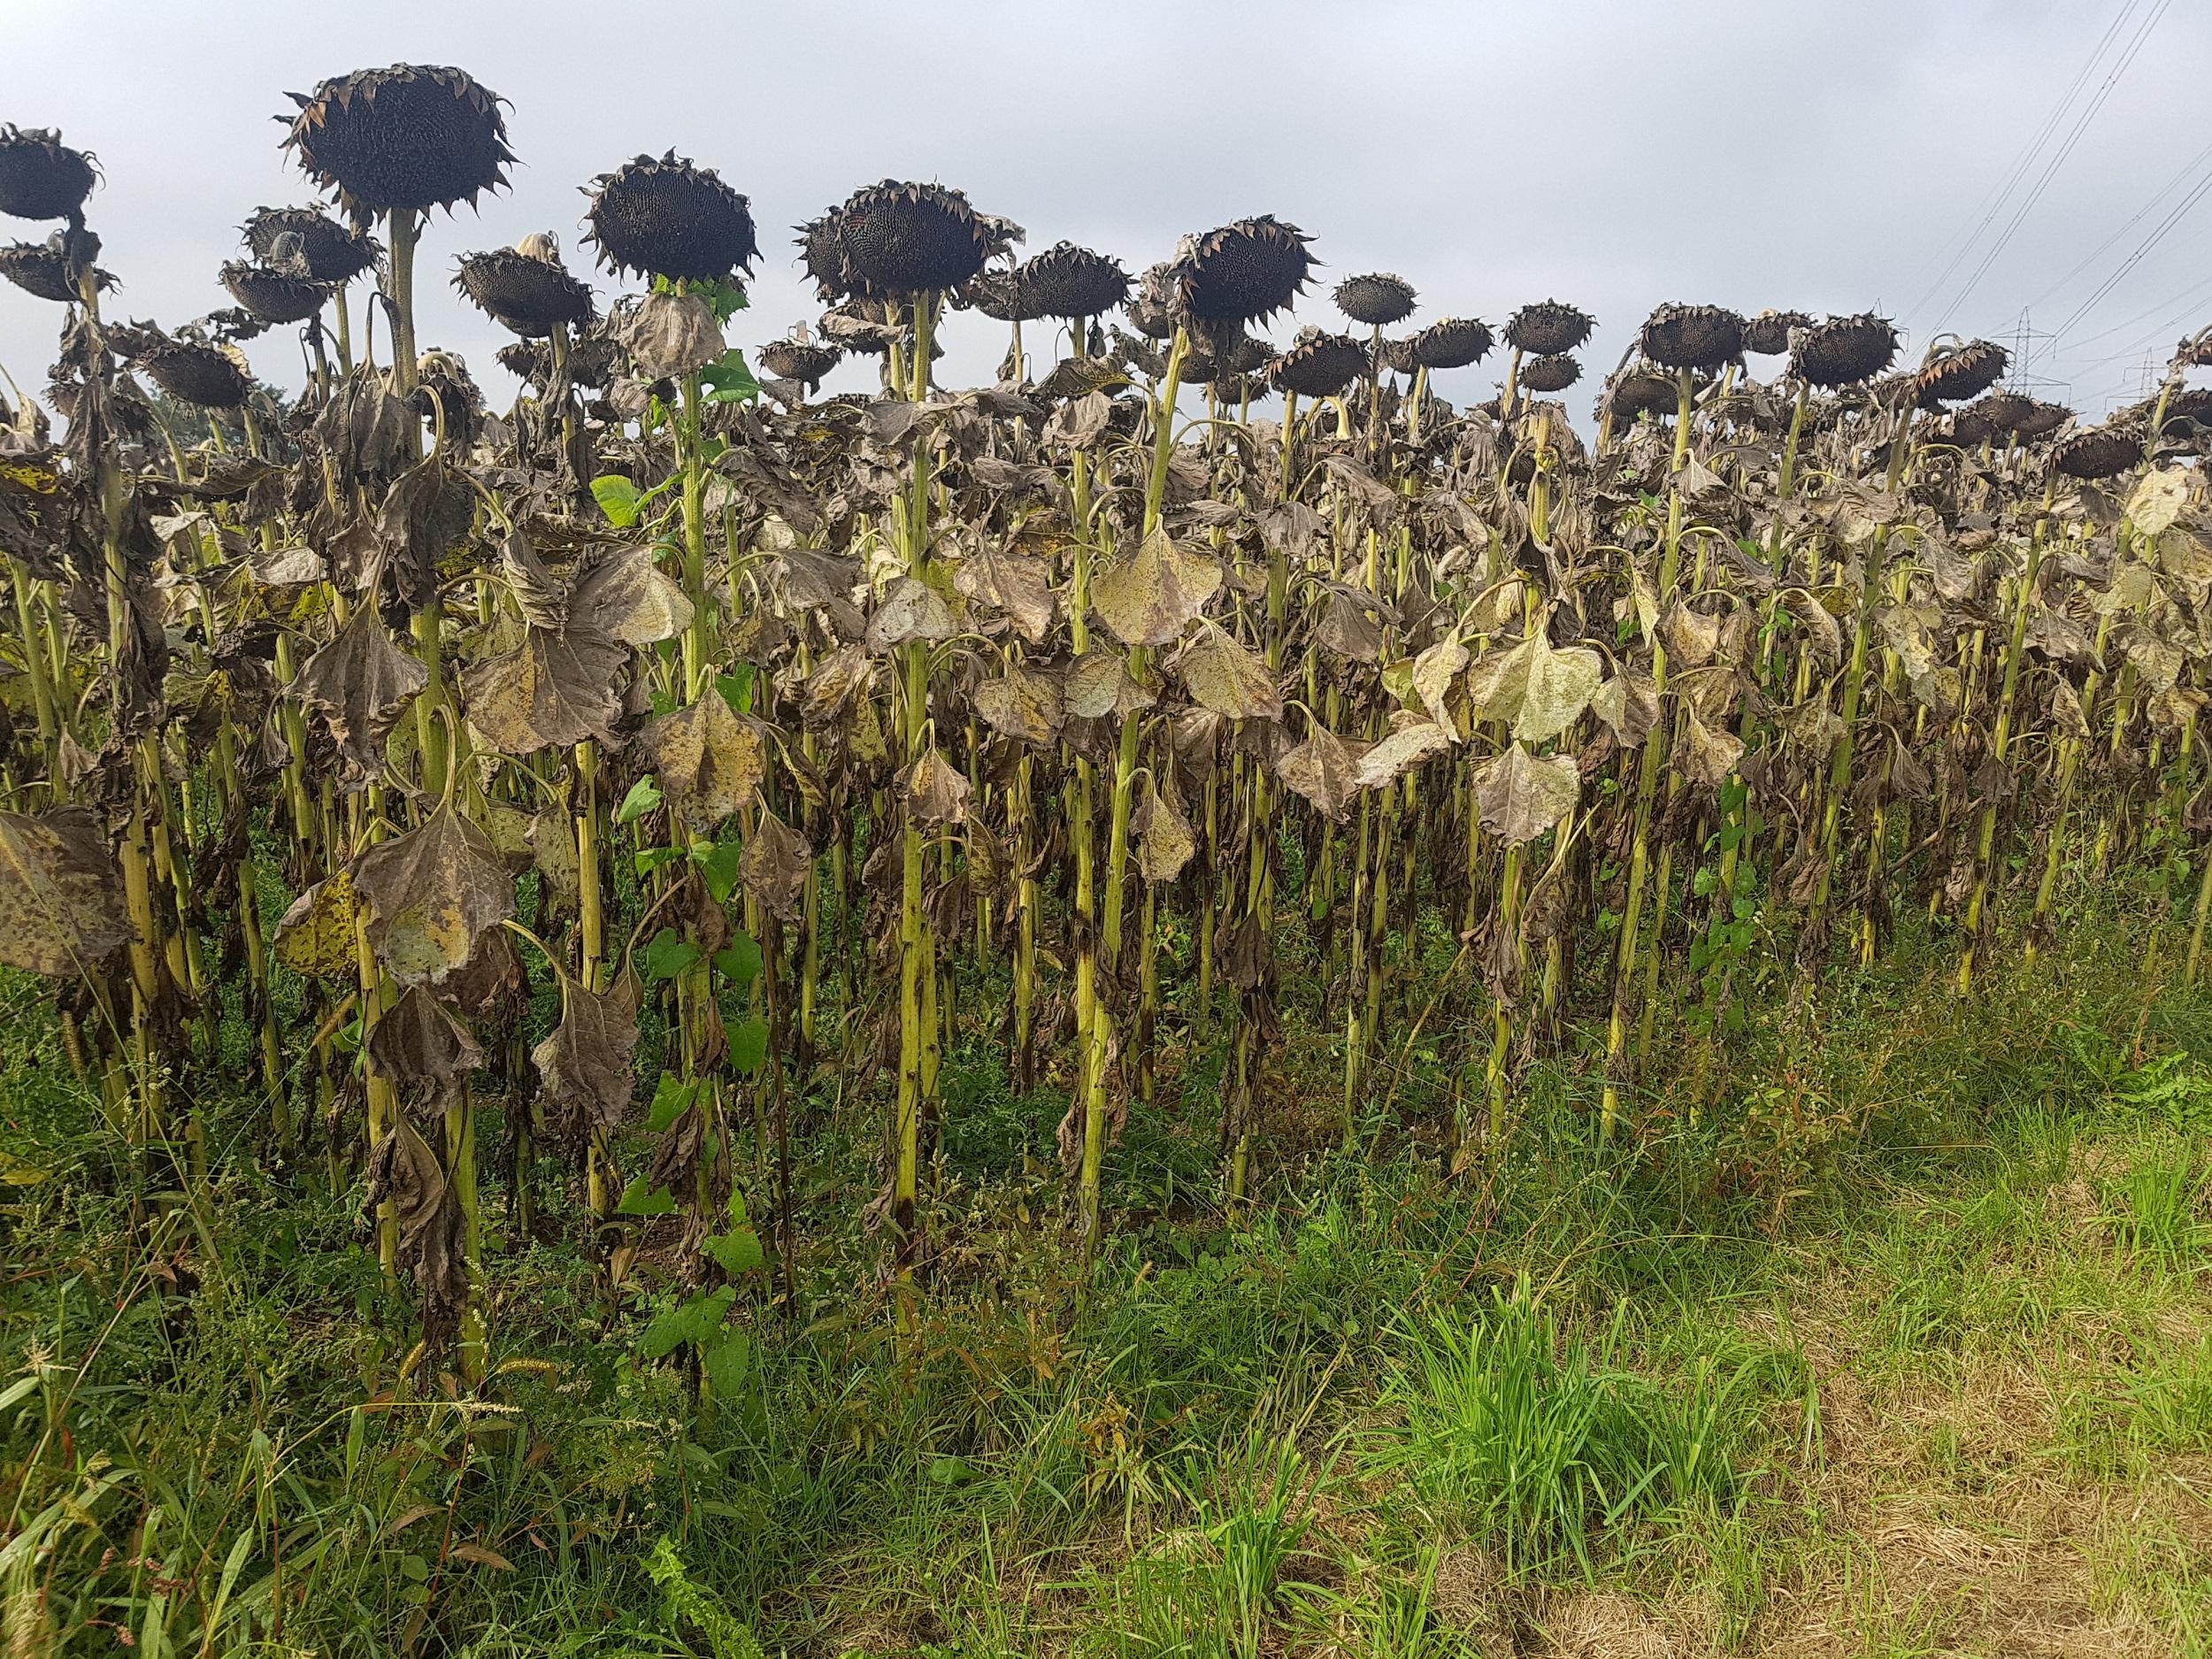 Sonnenblumen vor der Ernte